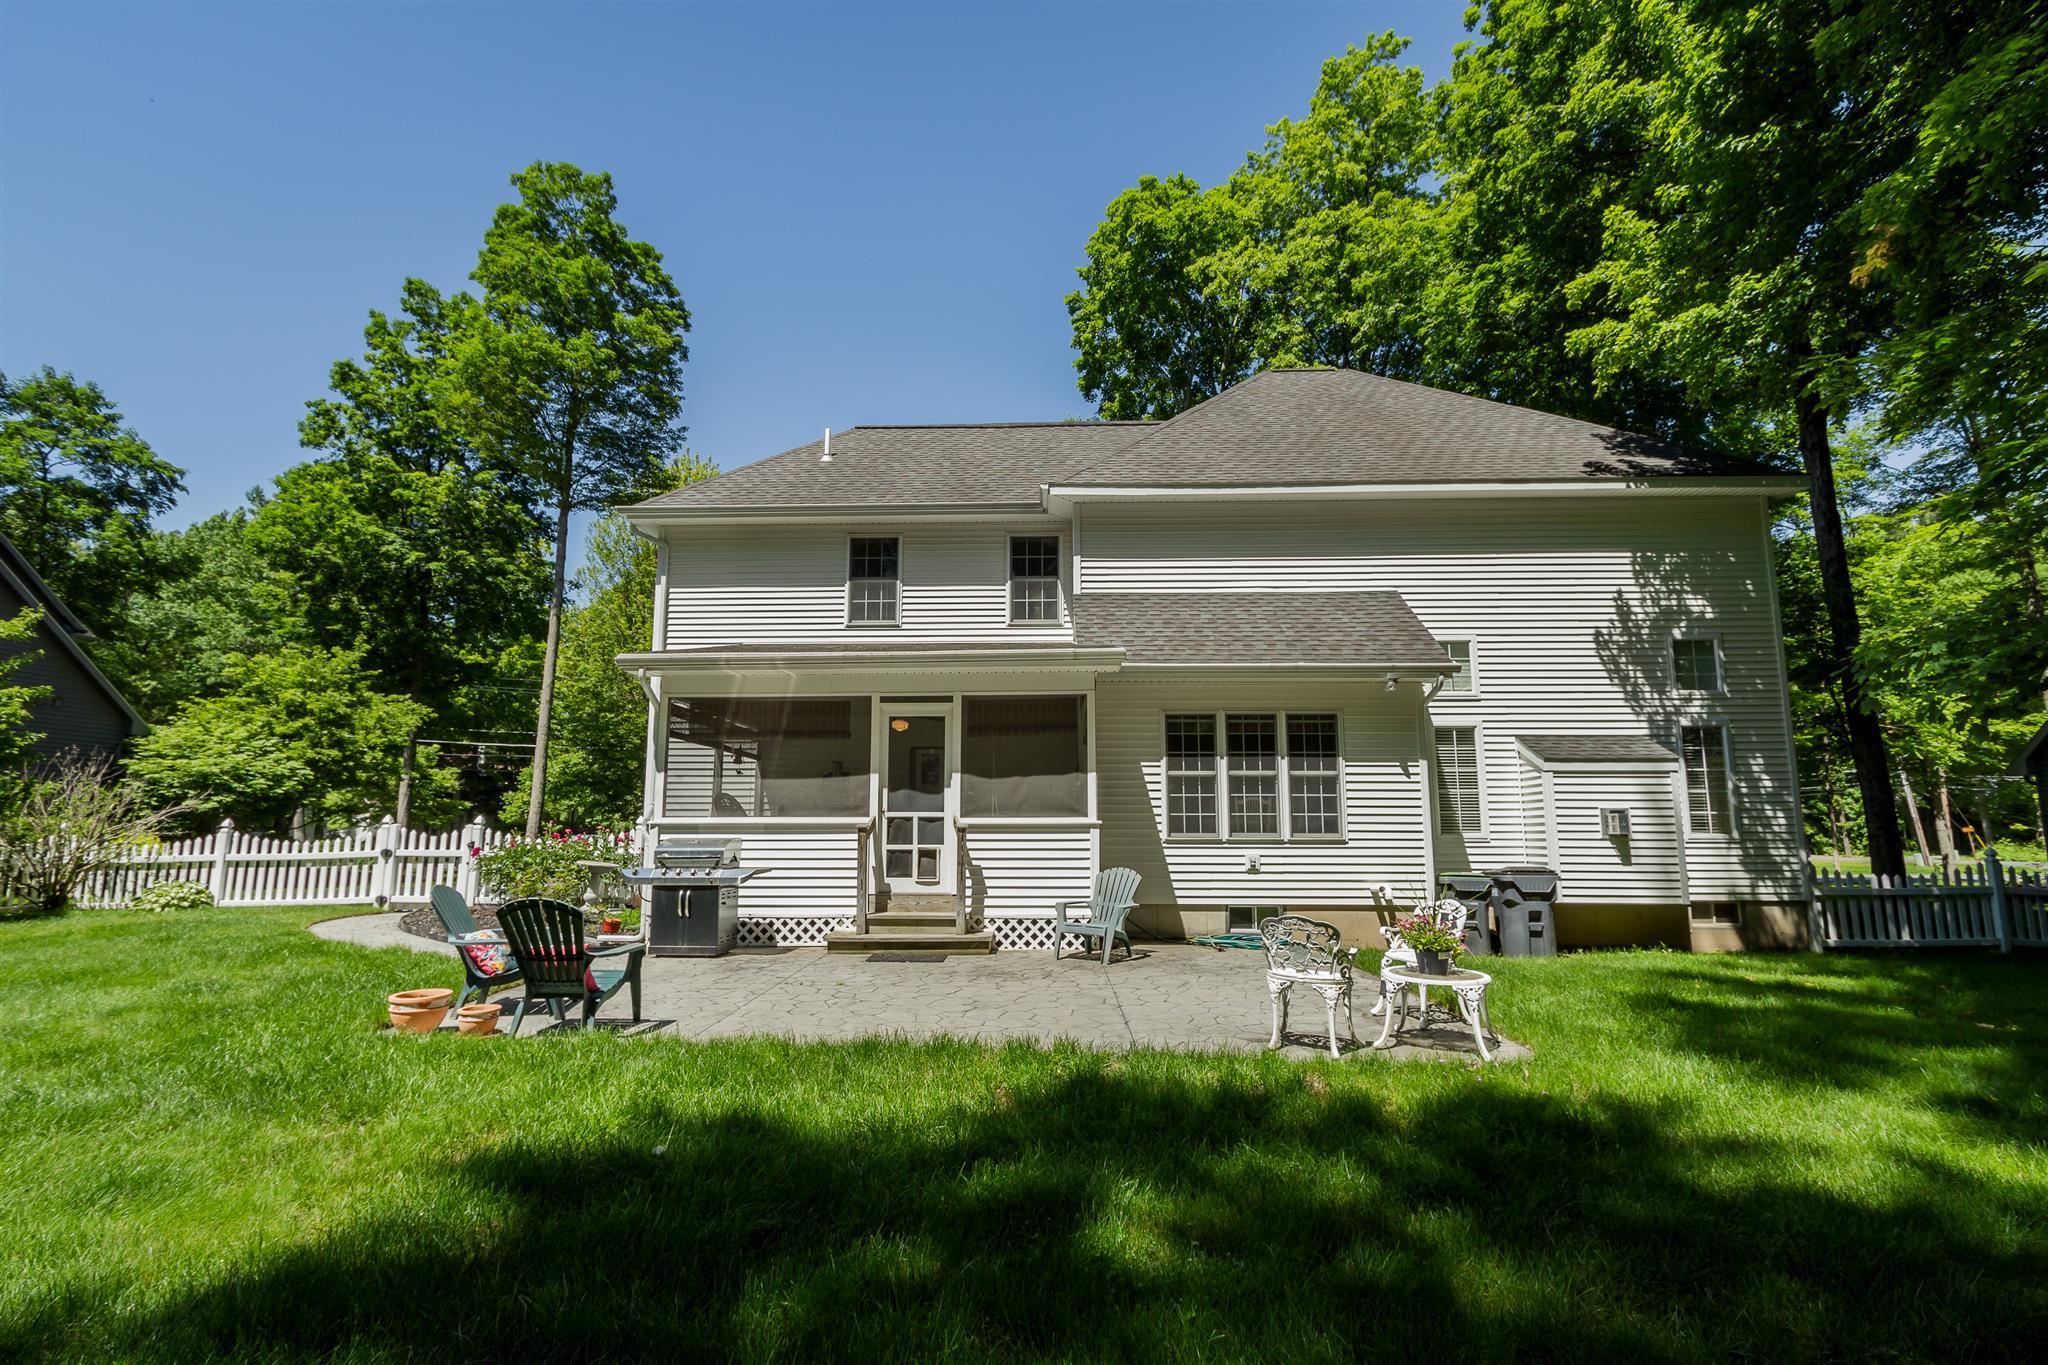 Saratoga S image 55